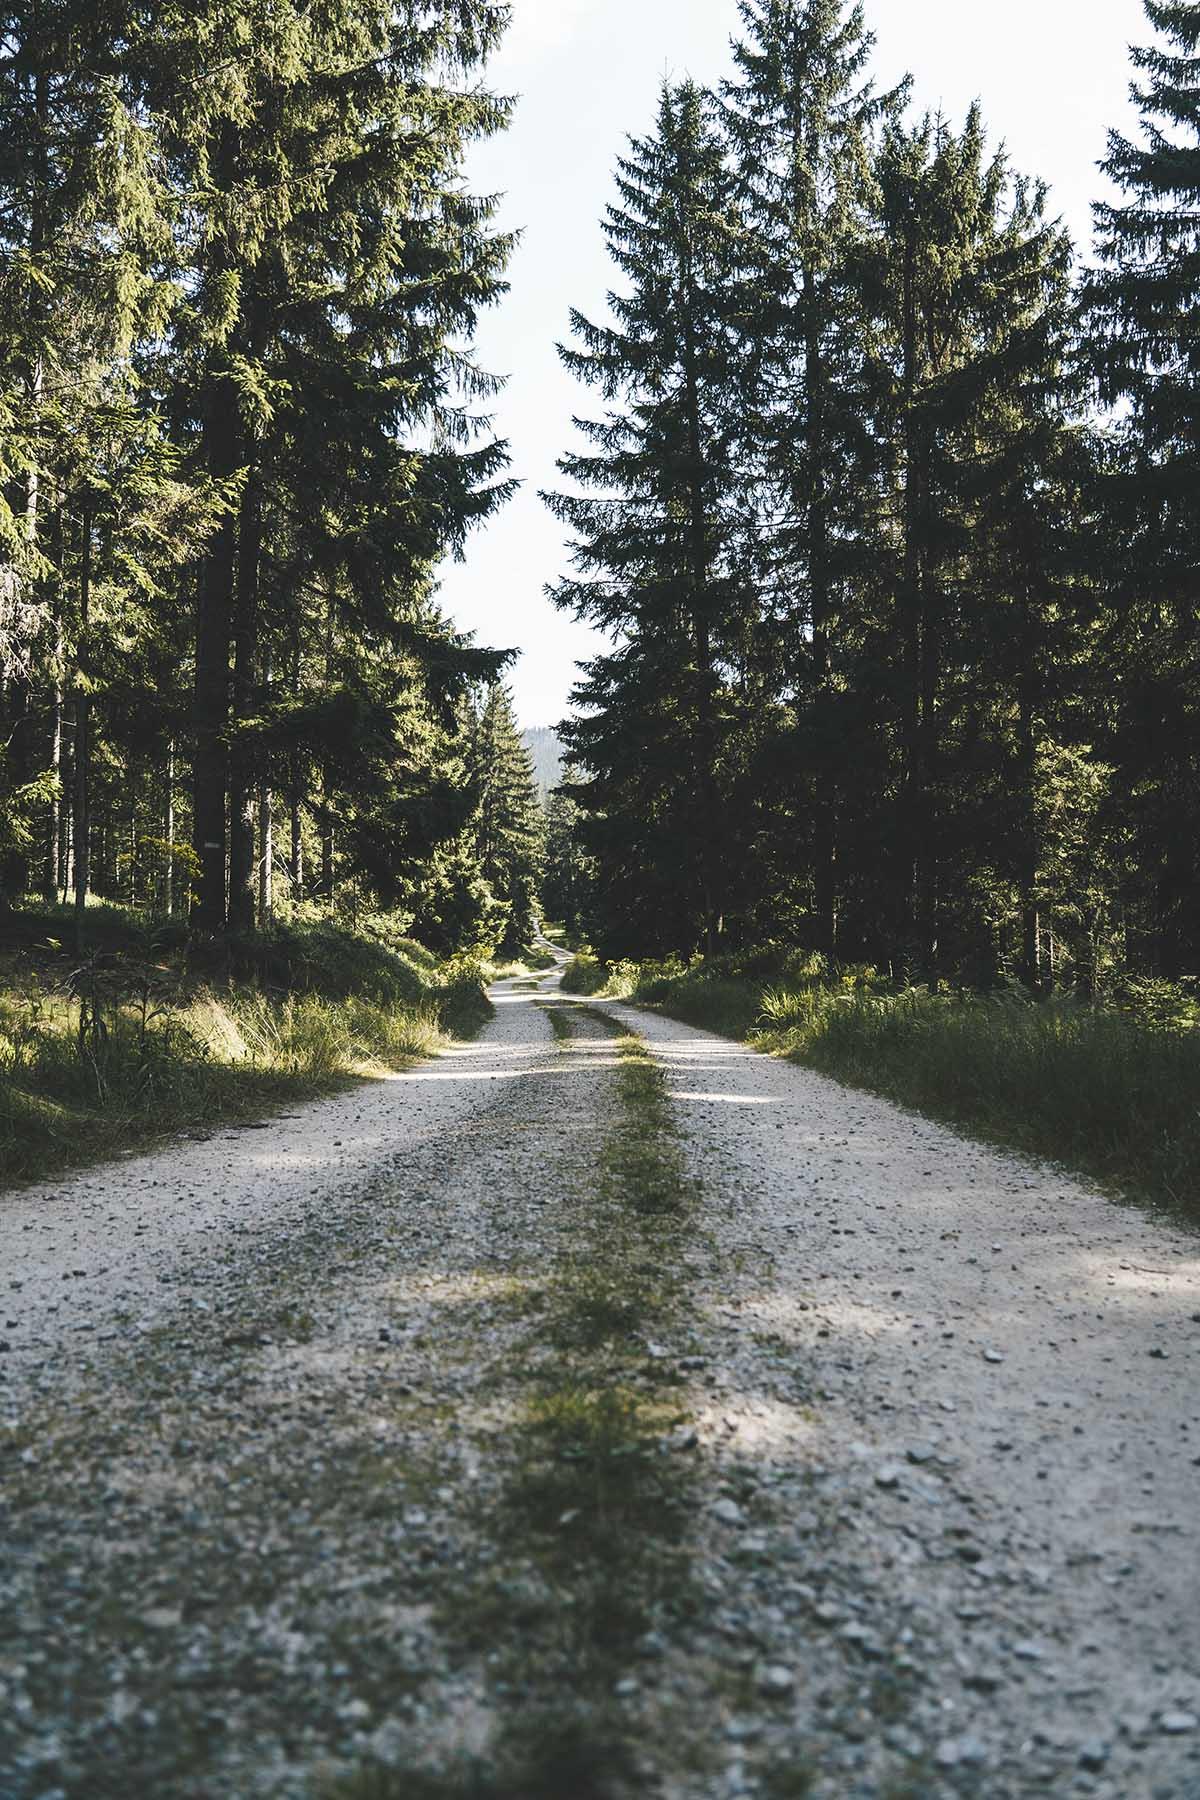 lamer-winkel-naturkino-zwercheck-wanderweg